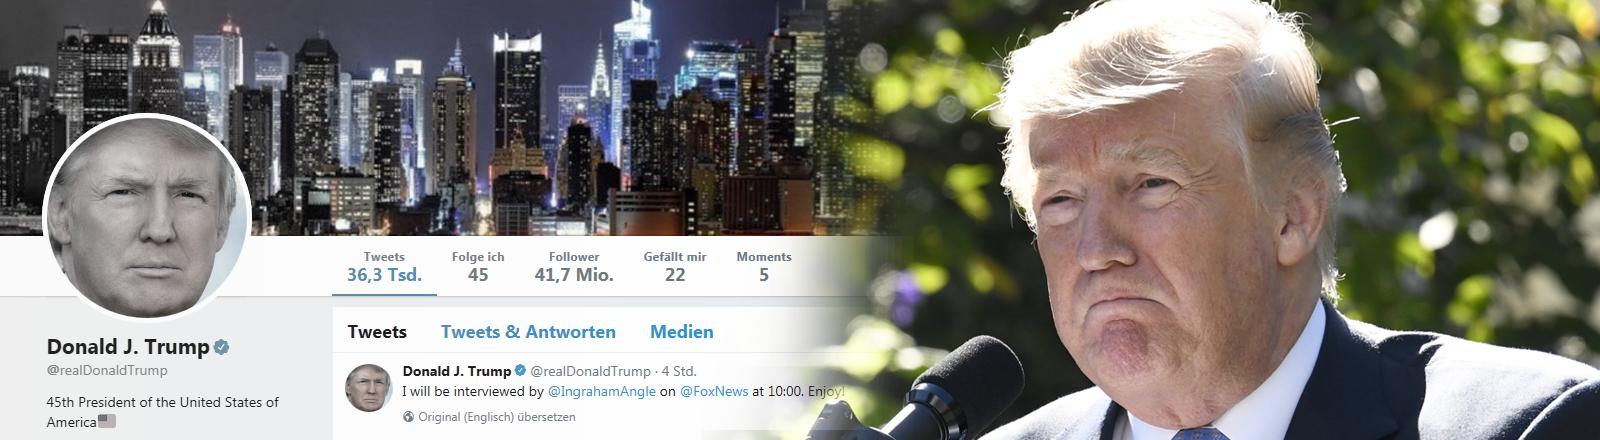 Donald Trump mit einem missmutigen Gesicht, daneben ein Screenshot von seinem Twitter-Account